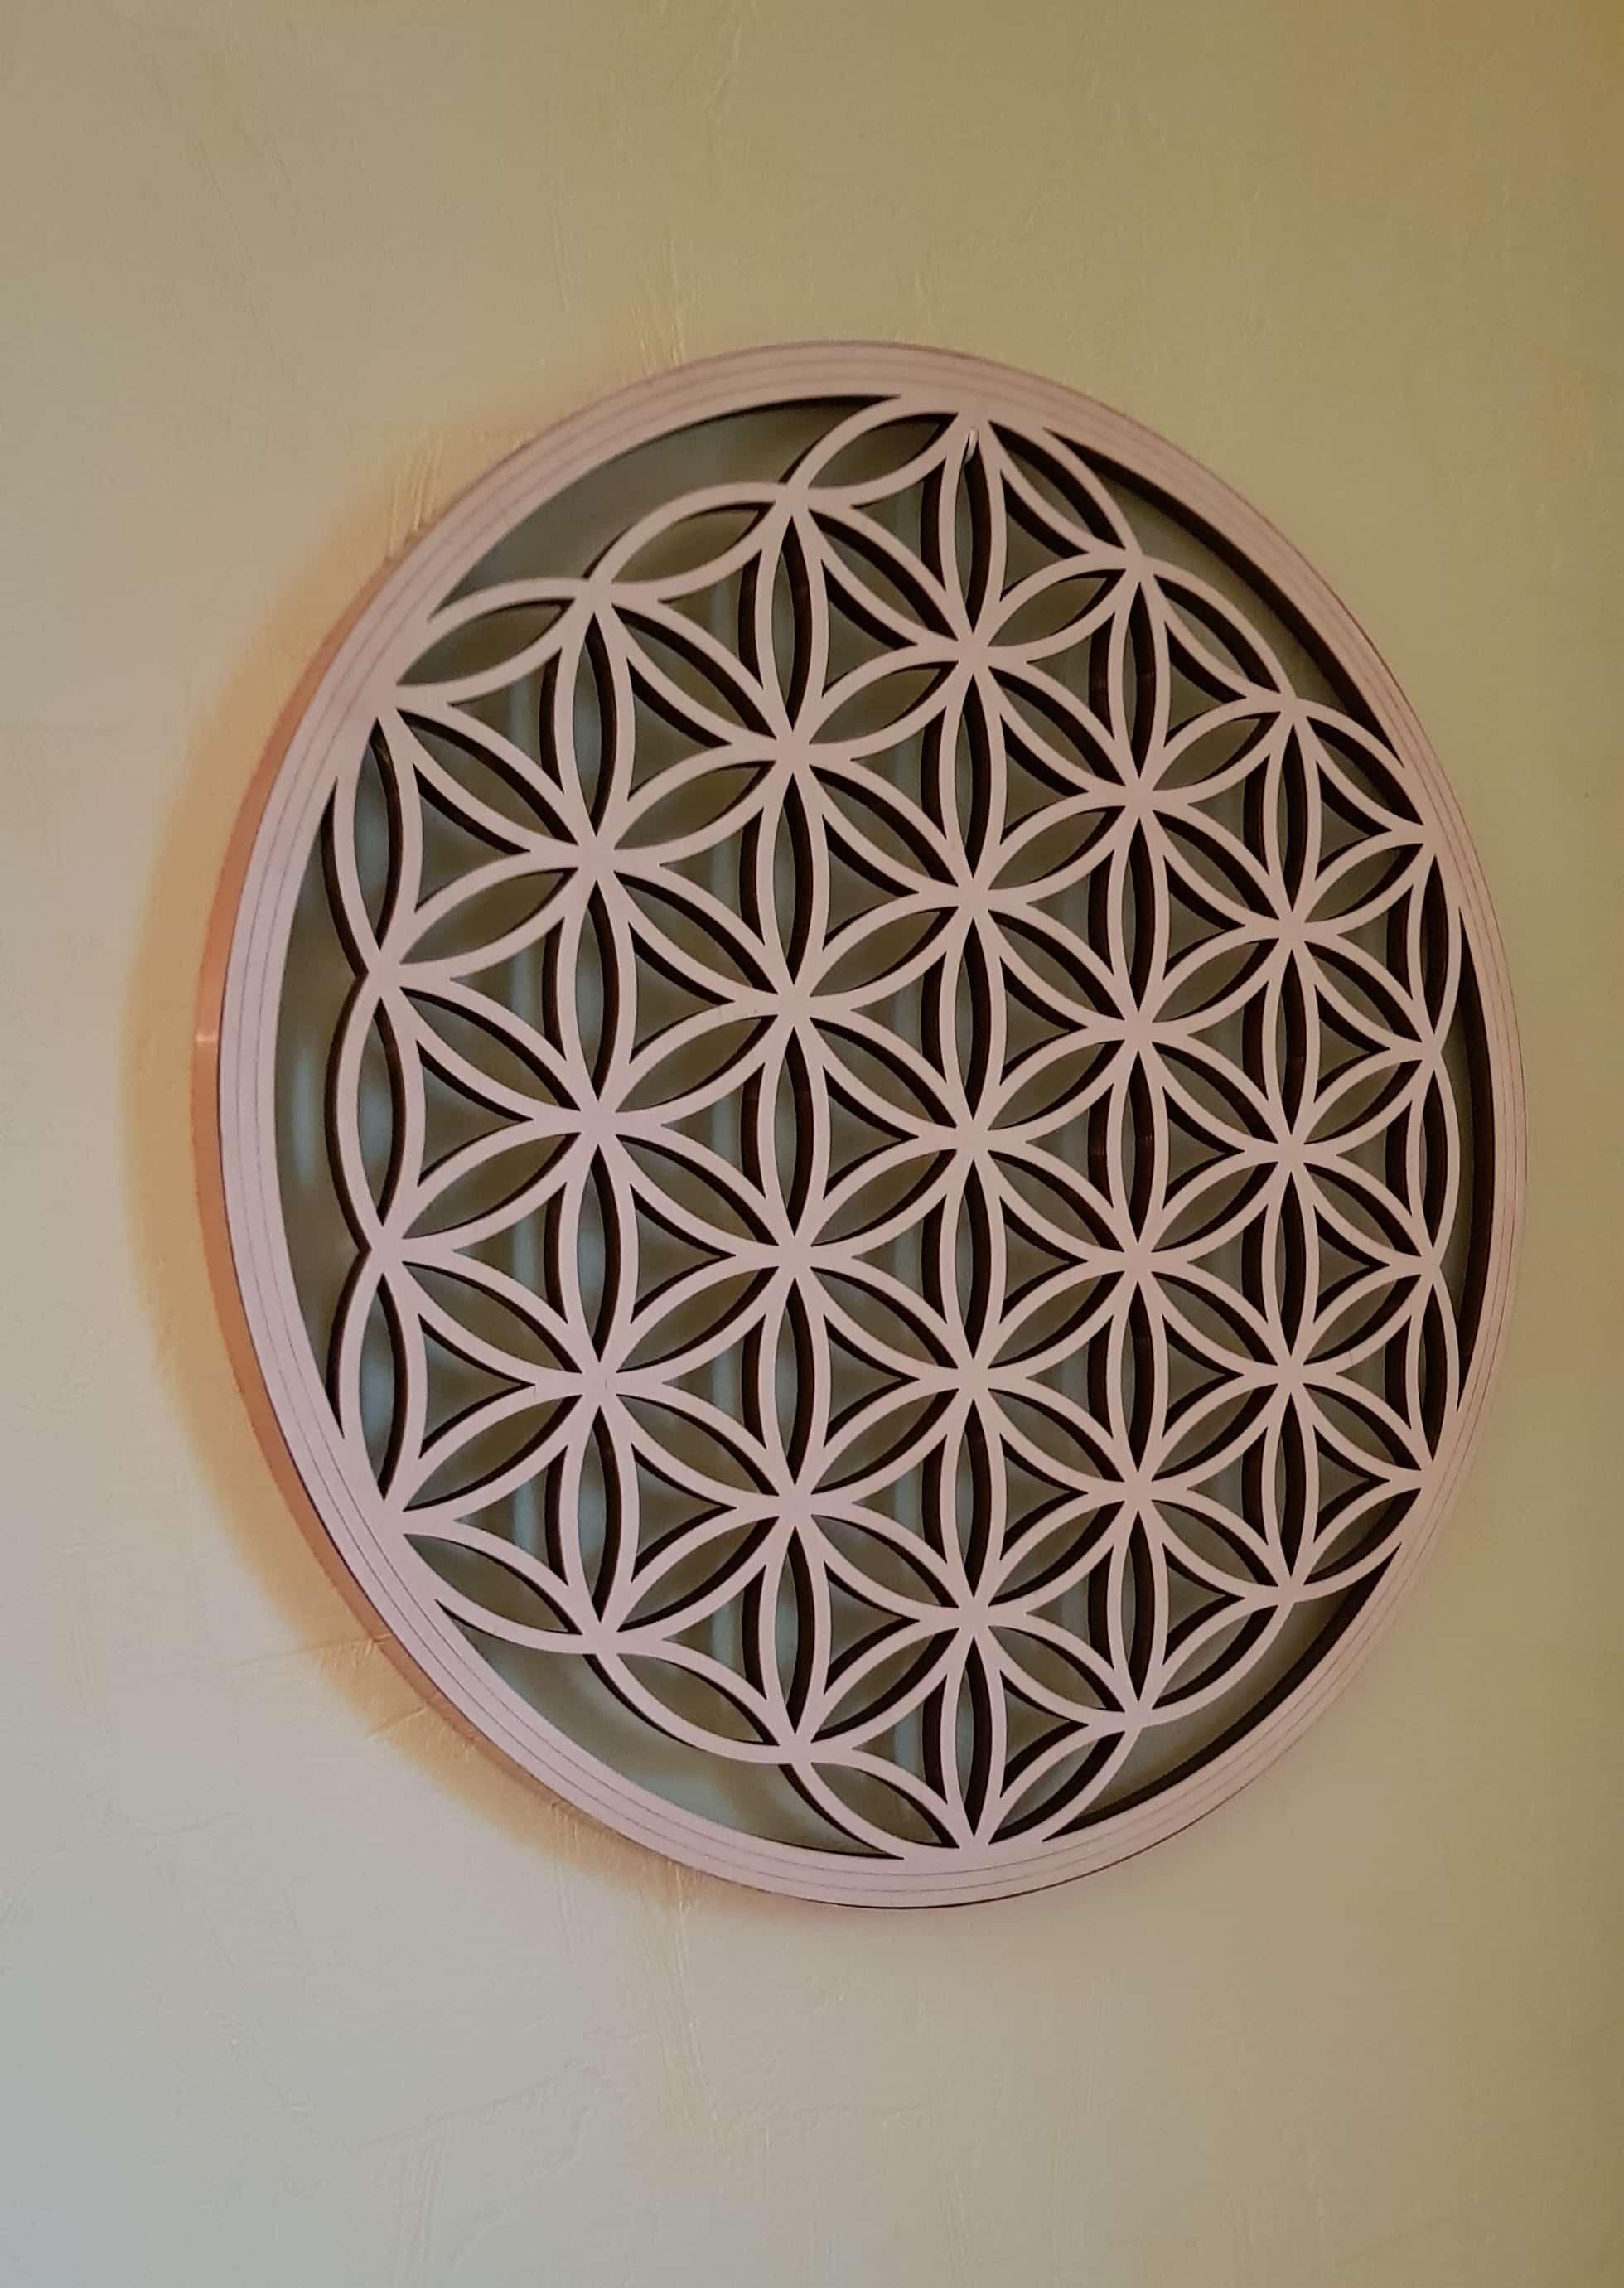 decoration-bouleau-bord-en-cuivre-univers-fleur-de-vie